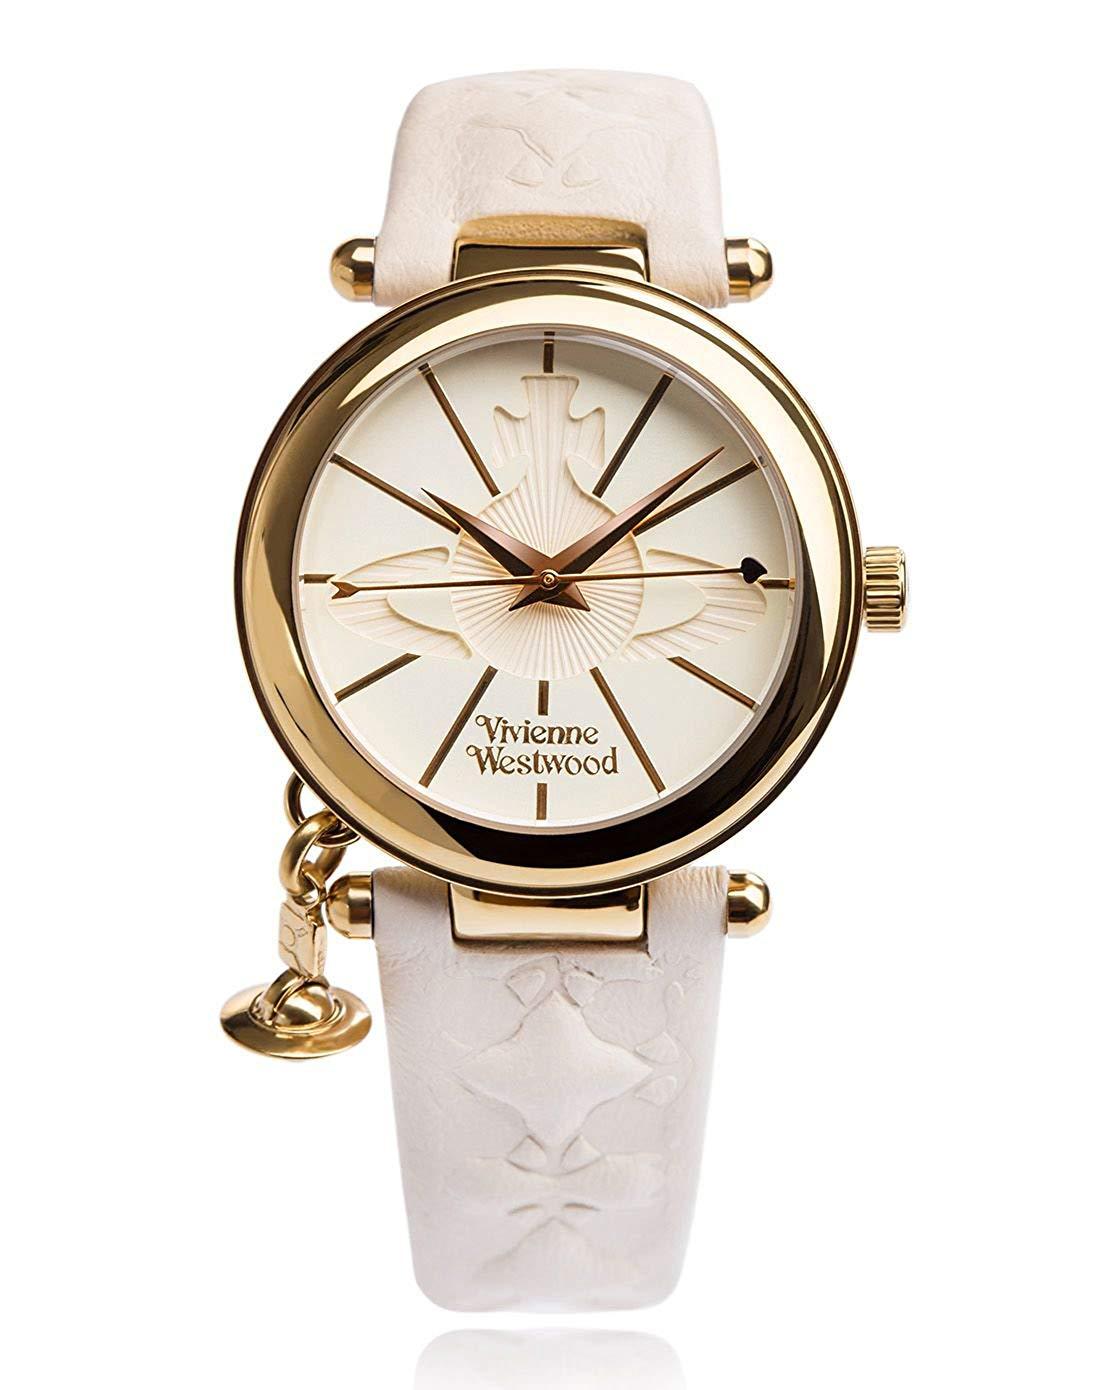 【Vivienne Westwood】 ヴィヴィアンウエストウッド オーブ レディース腕時計